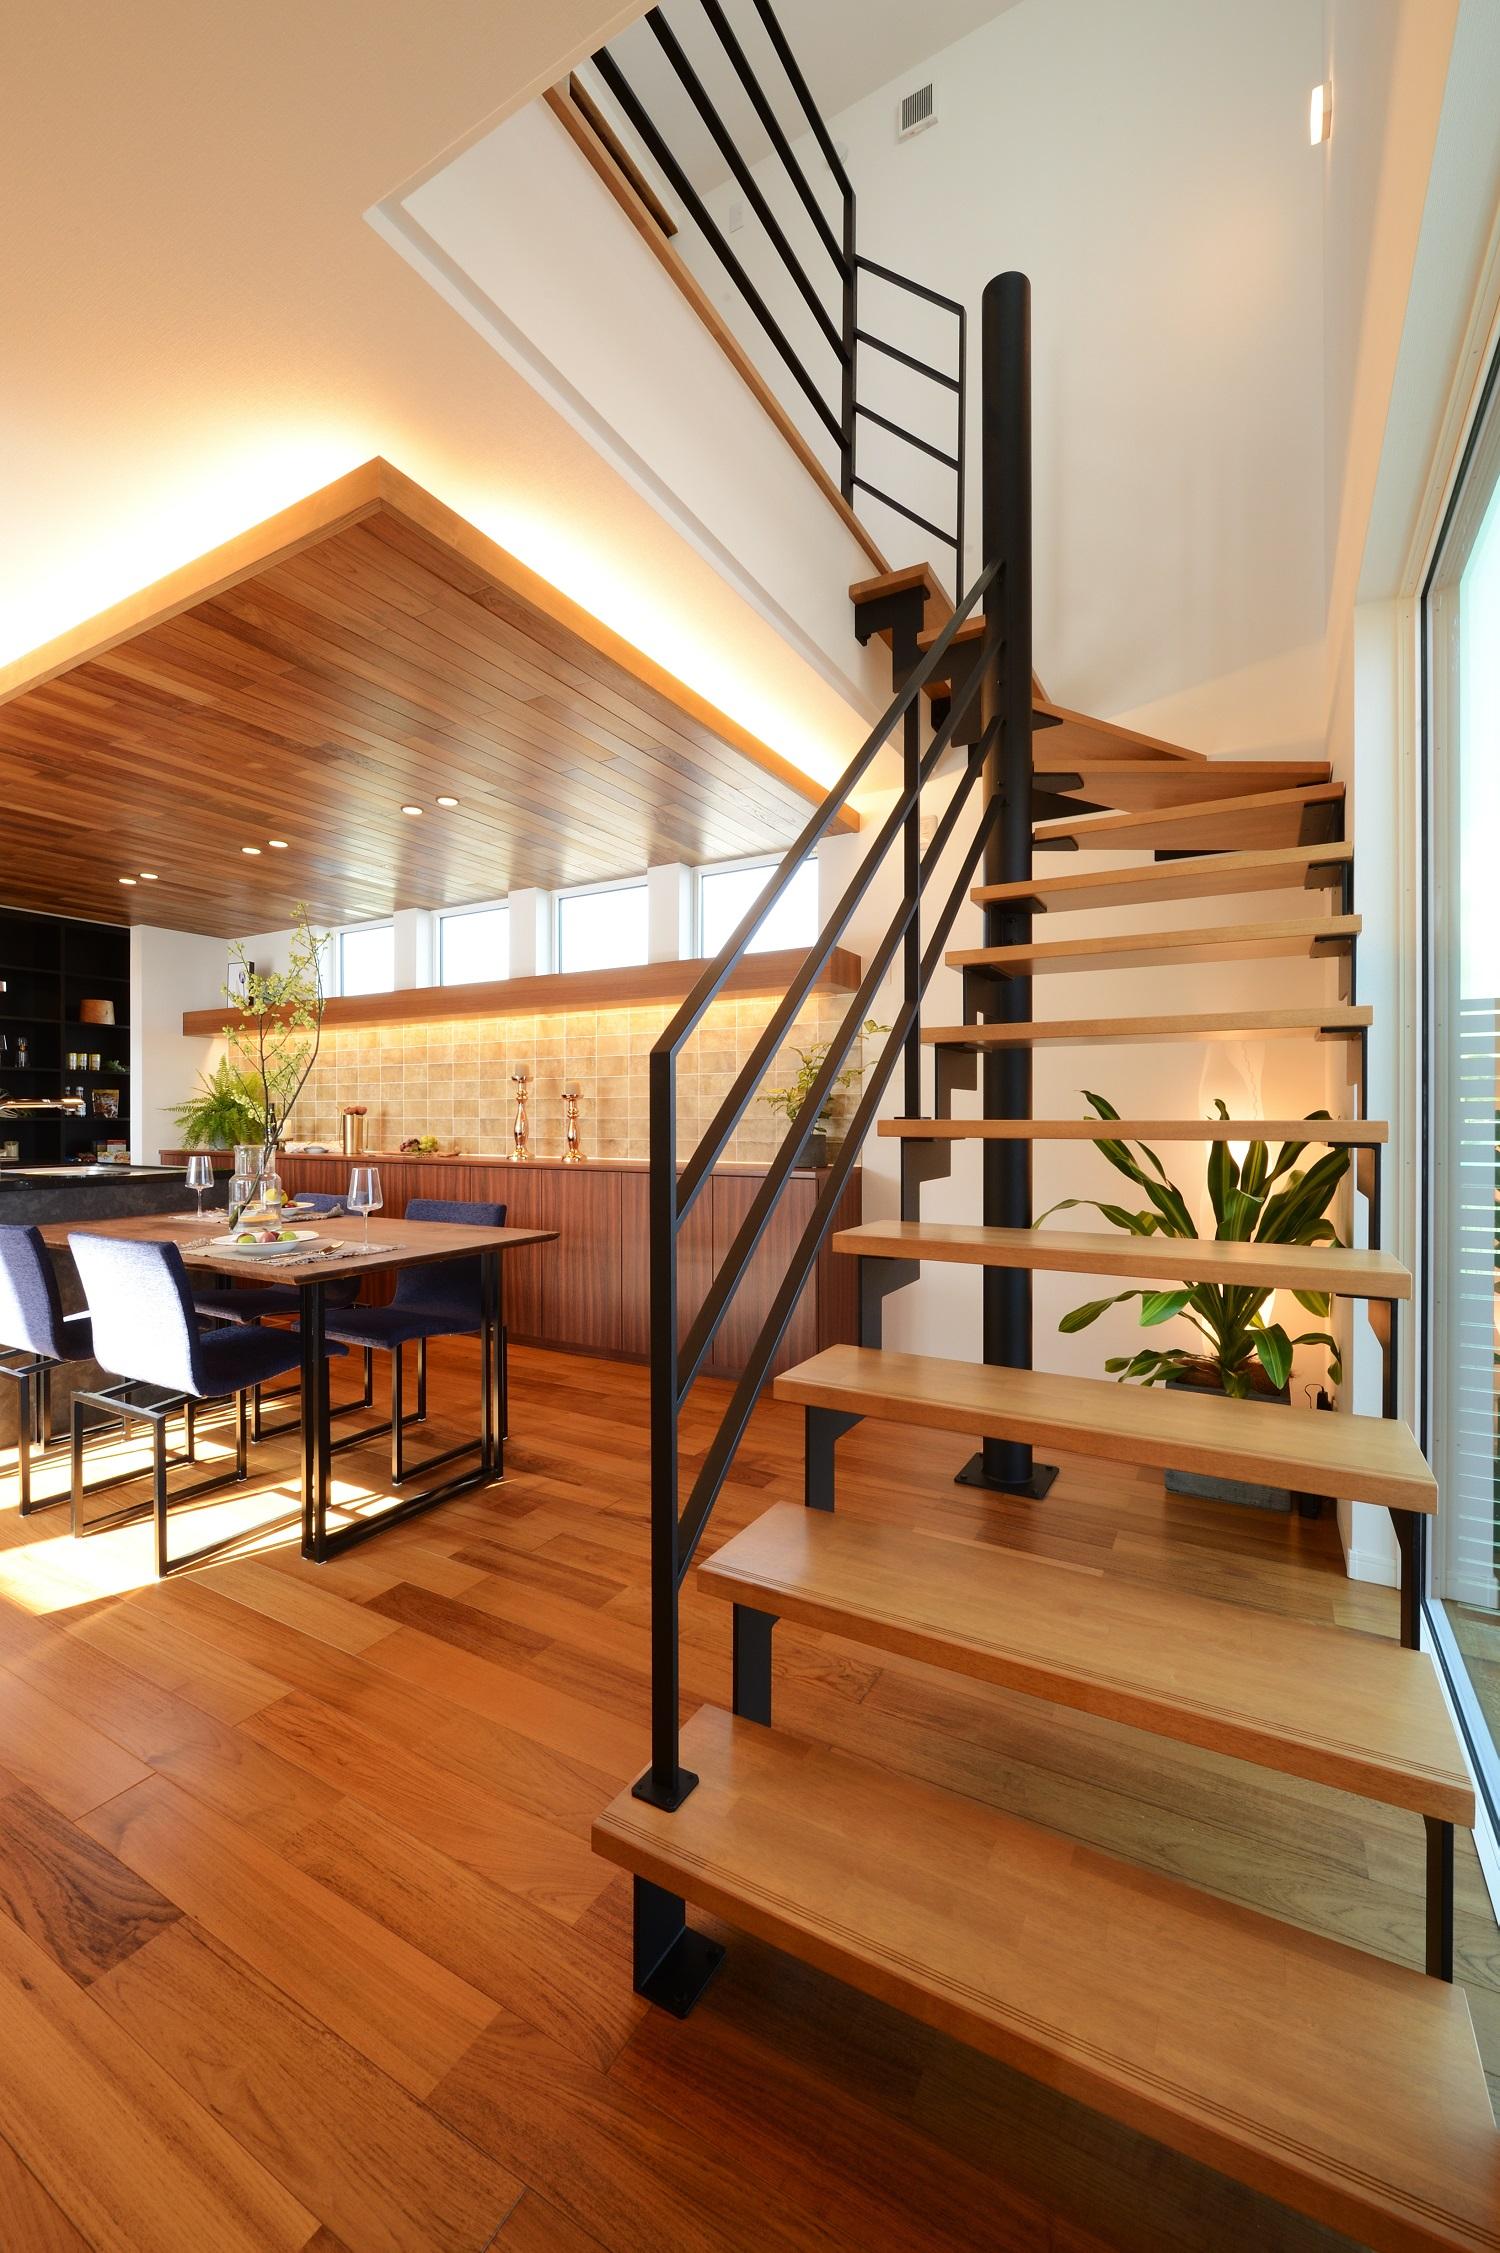 幸和ハウジング【浜松市西区入野町6149-1・モデルハウス】木にアイアンの手すりを組み合わたデザインがかっこいい階段